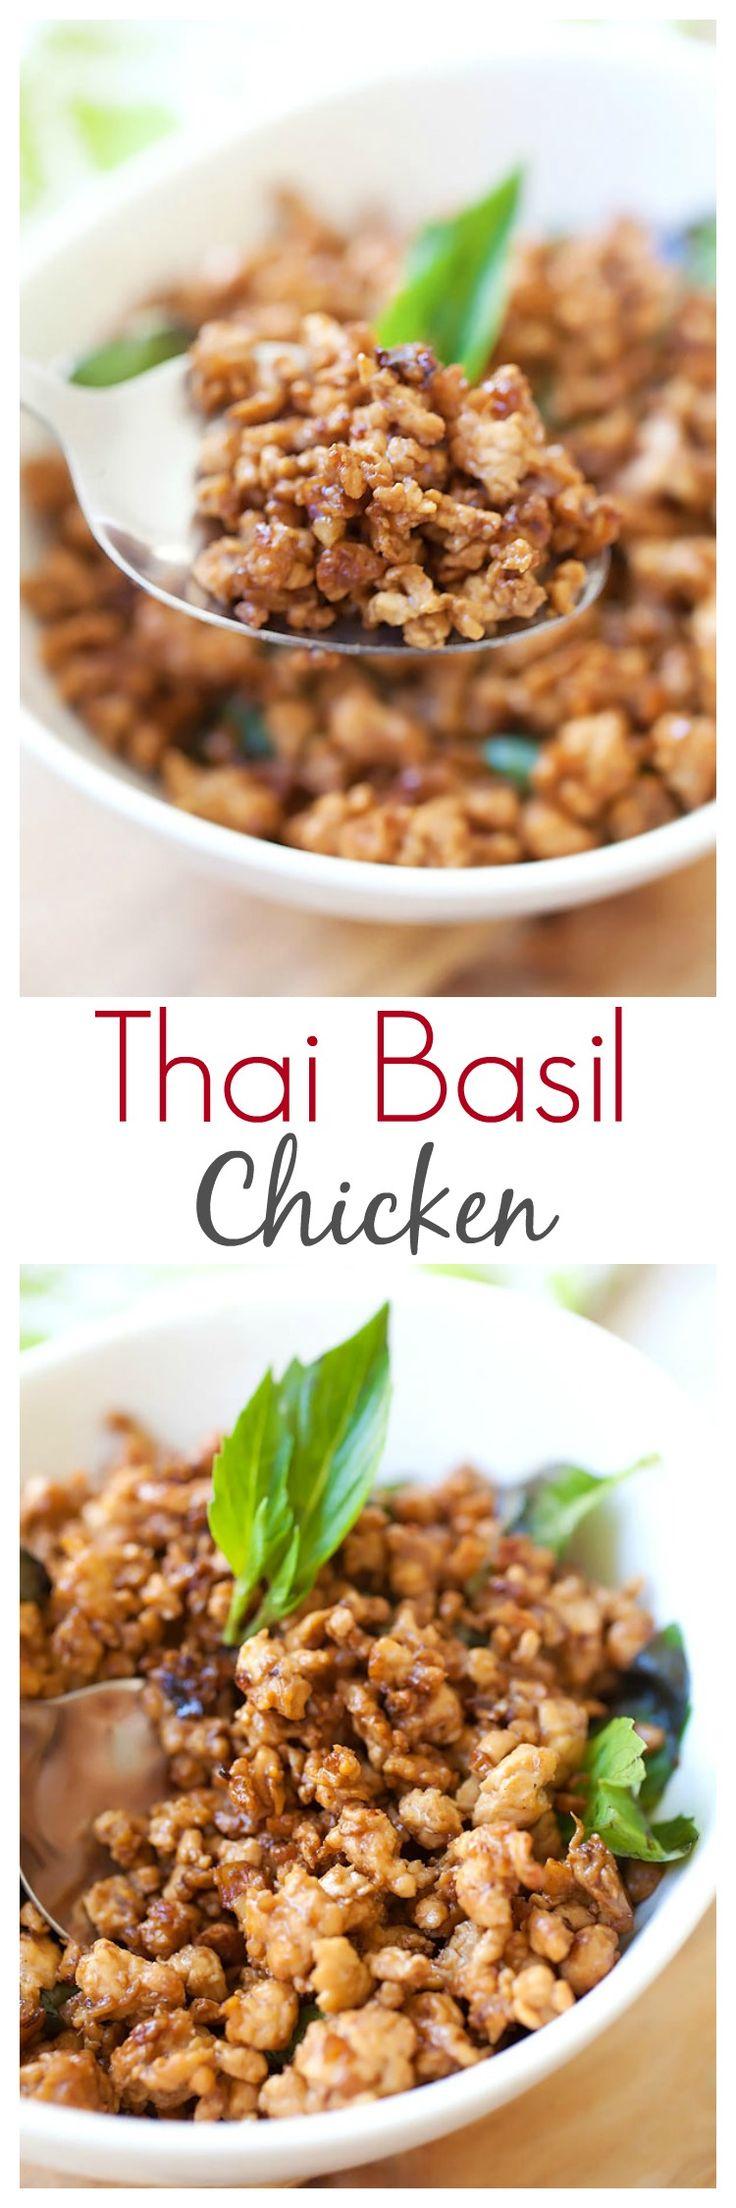 Albahaca tailandesa de pollo - hecho con carne picada de pollo, hojas de albahaca, y los chiles. Pollo albahaca es genial con arroz y esta receta es muy fácil y auténtico | rasamalaysia.com